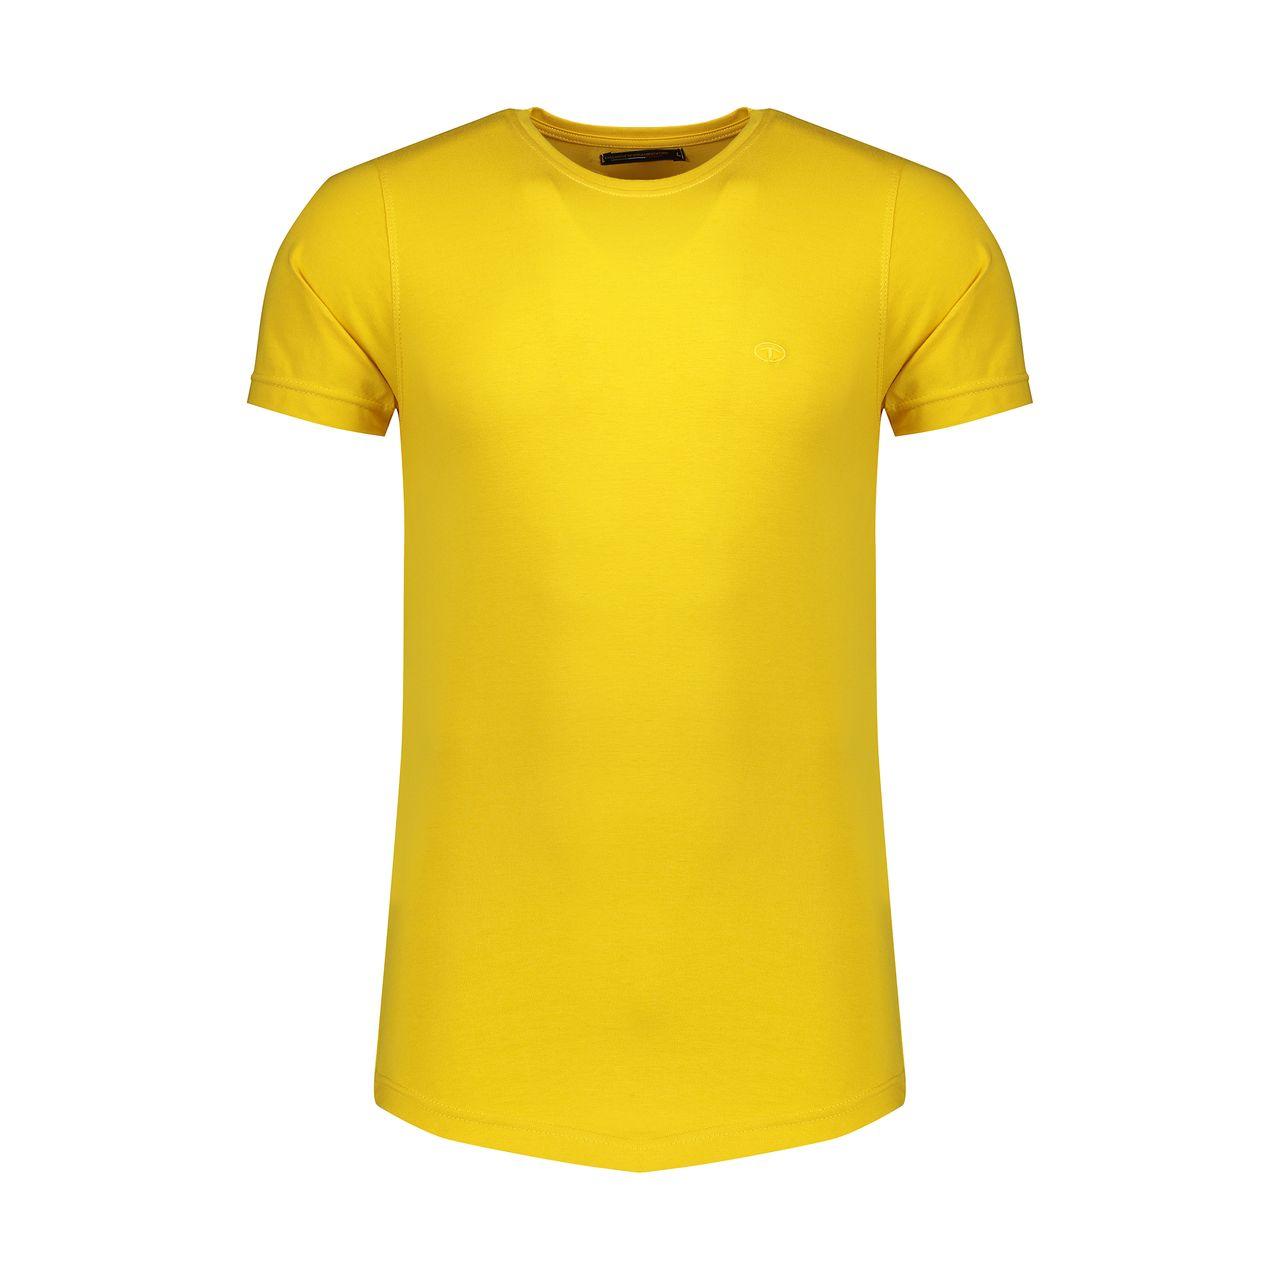 تیشرت آستین کوتاه مردانه مدل Mt-04 رنگ زرد                     غیر اصل